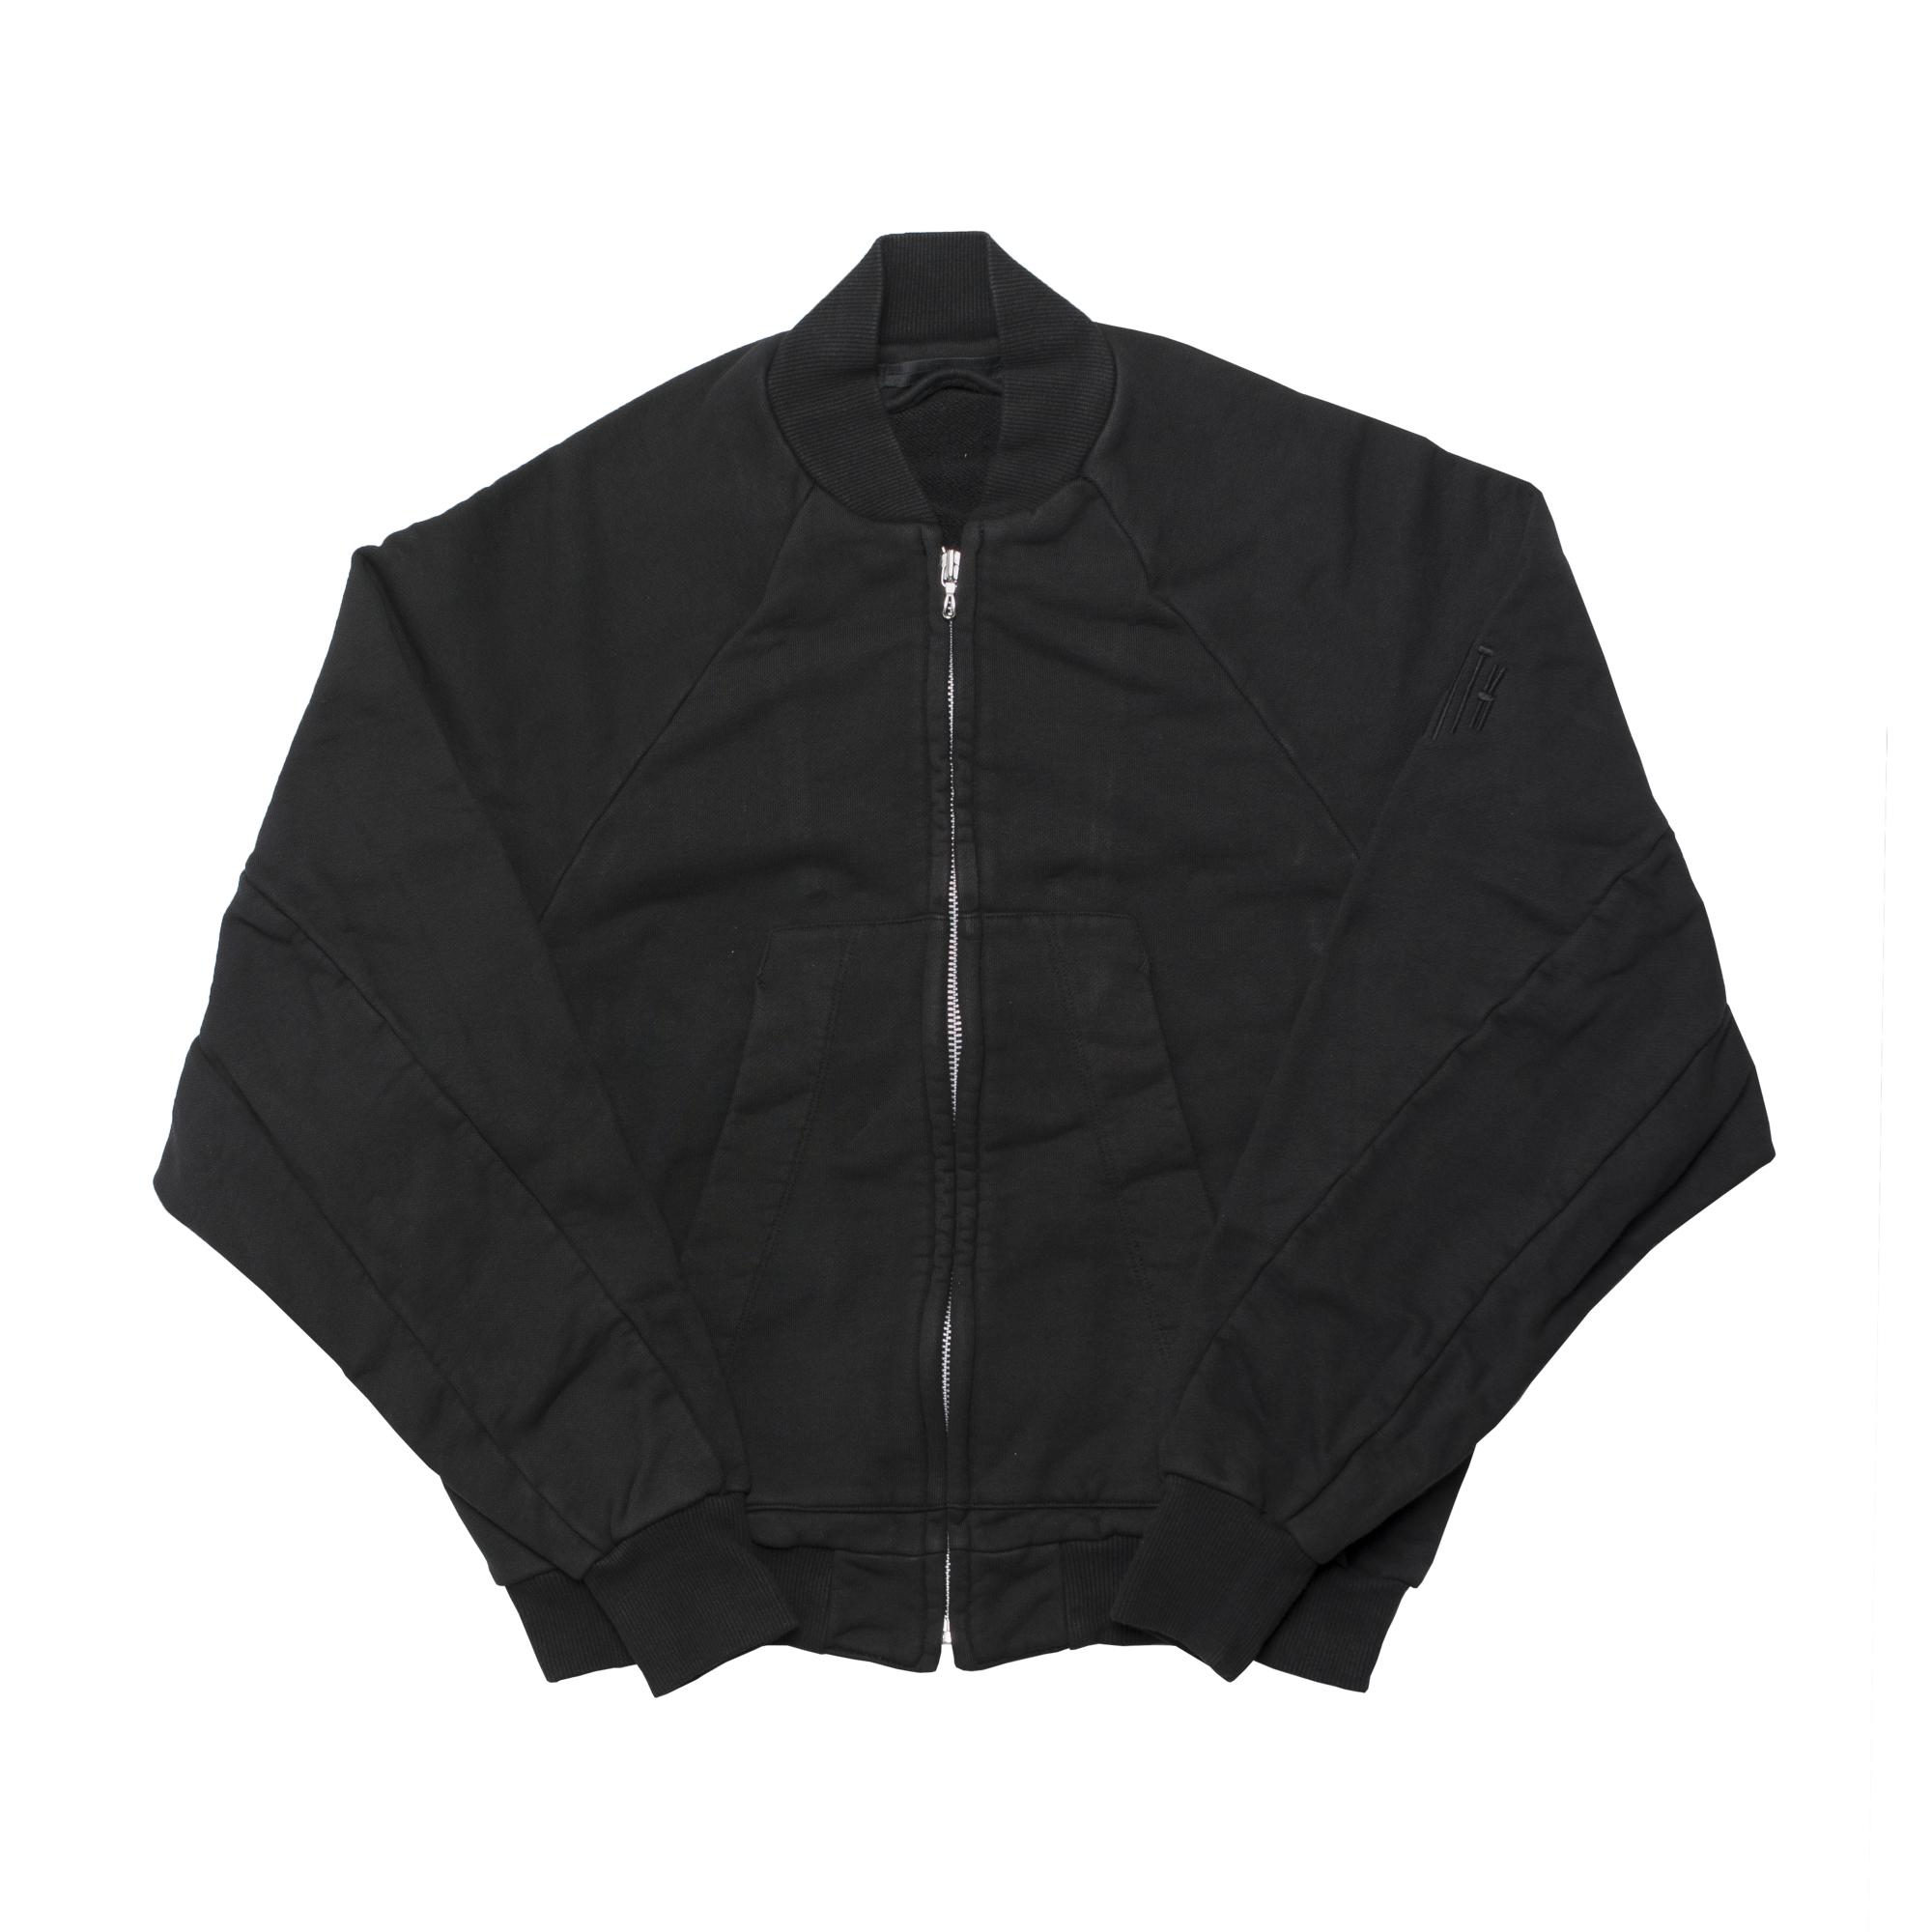 597CUM46-BLACK / イージージャケット